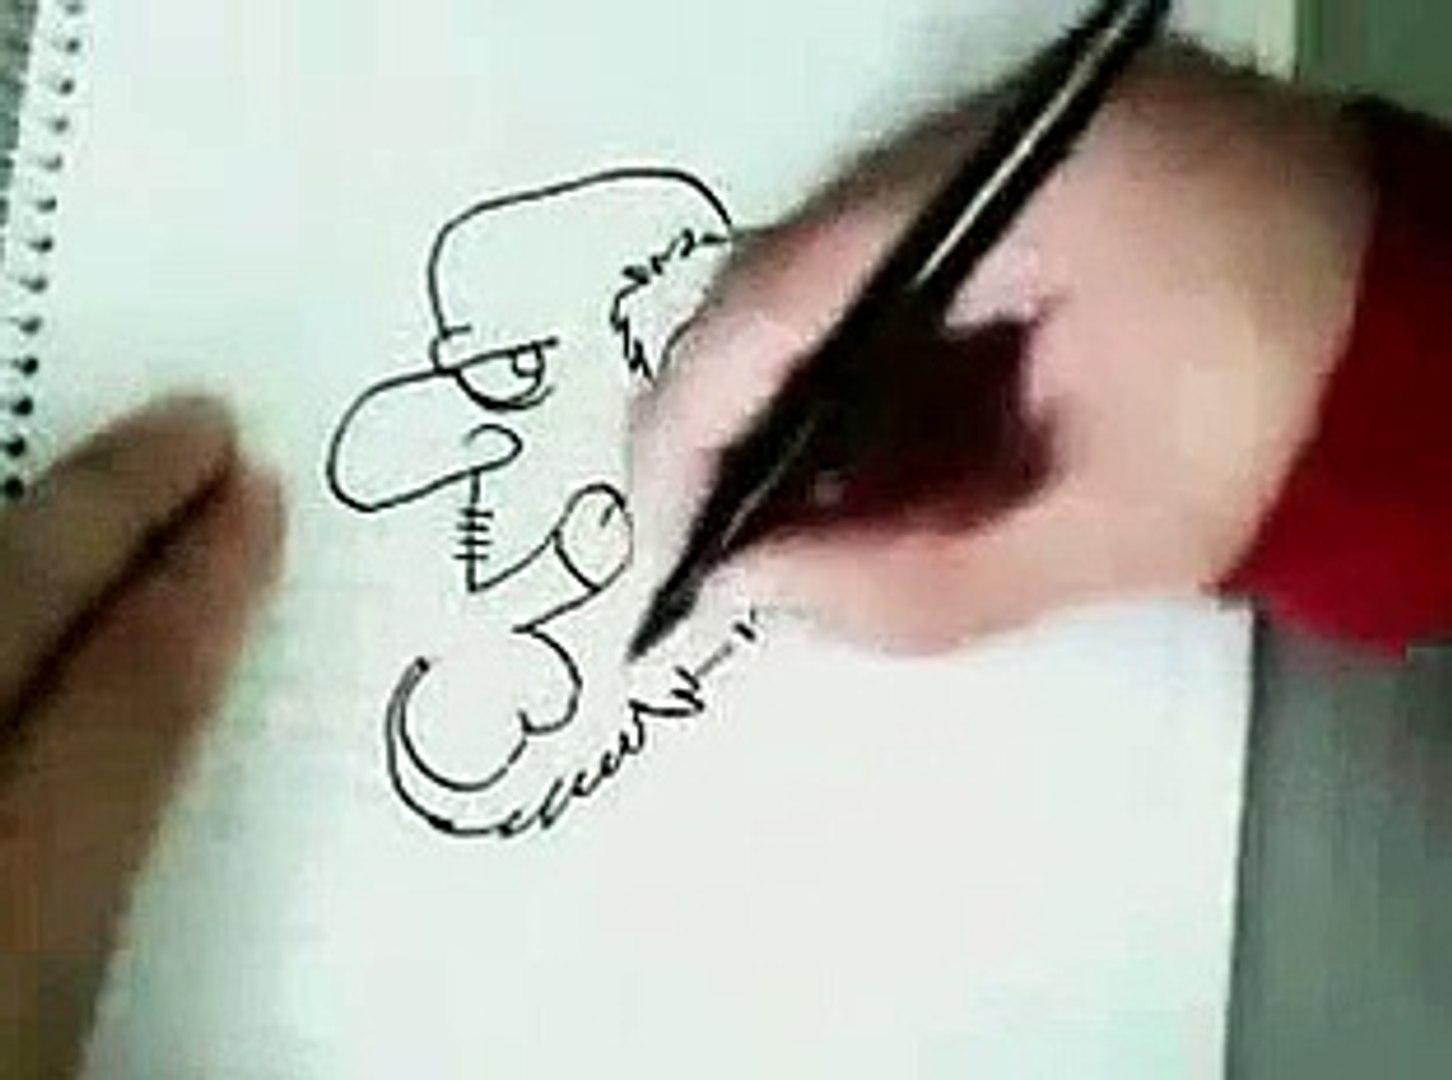 Resmin çizimi bitmeden resim hakkında yorum yapma! (-: